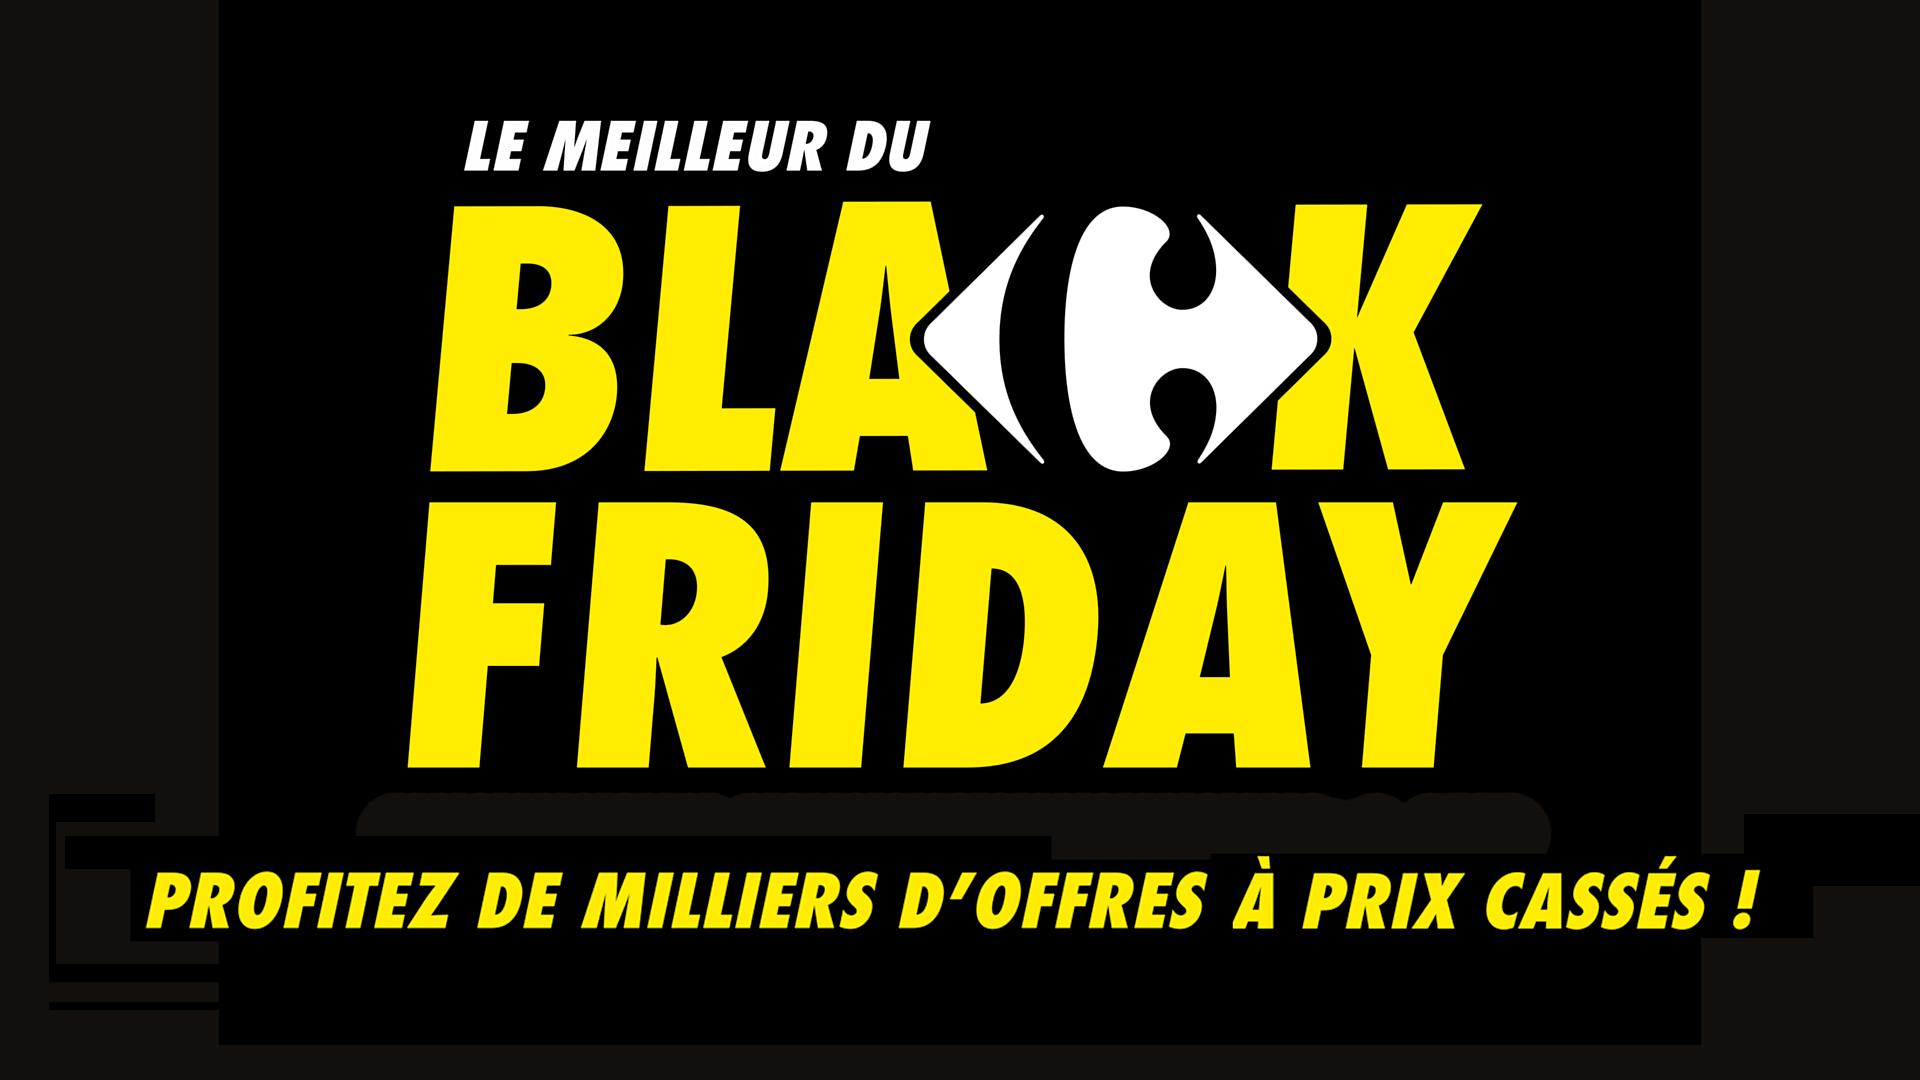 le meilleur du black friday est chez carrefour centre commercial r gional evry2. Black Bedroom Furniture Sets. Home Design Ideas